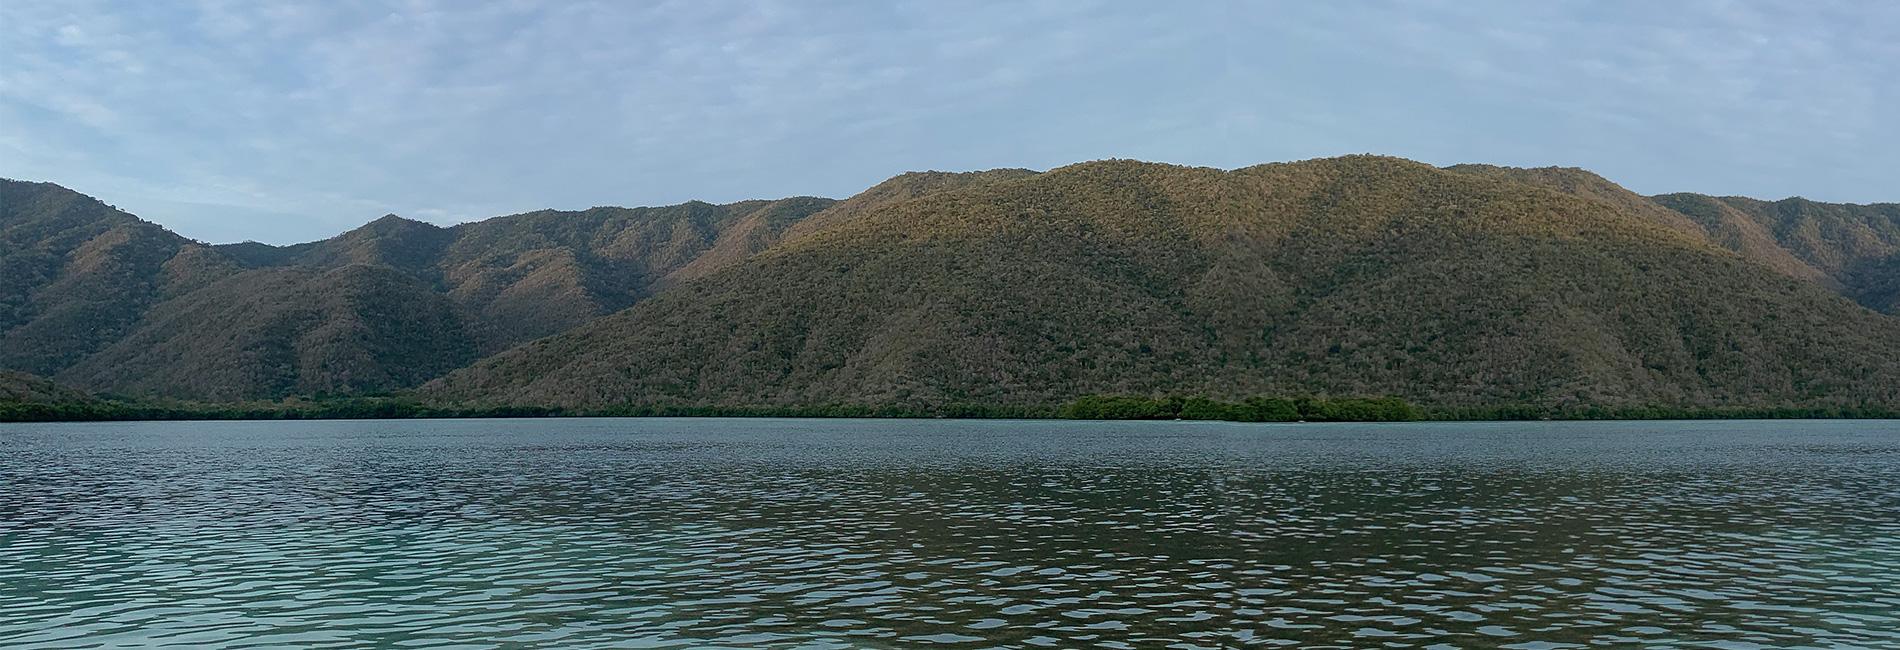 La ciénaga y el mar mysterious, wild and free